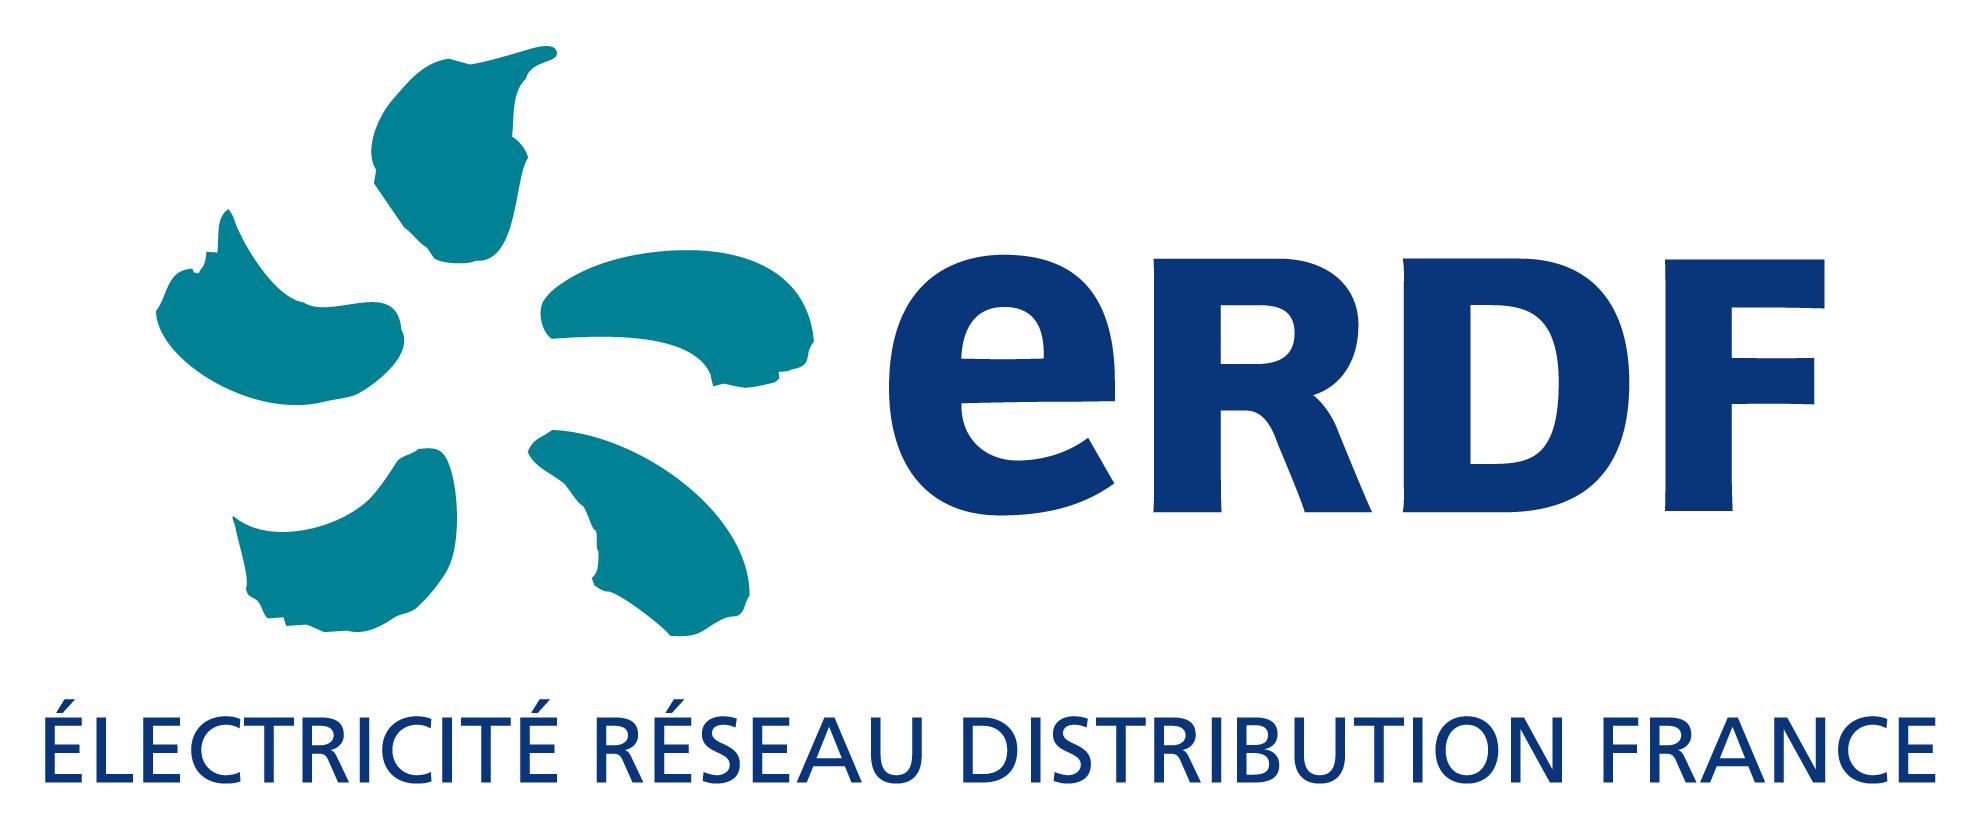 Électricité Réseau Distribution France